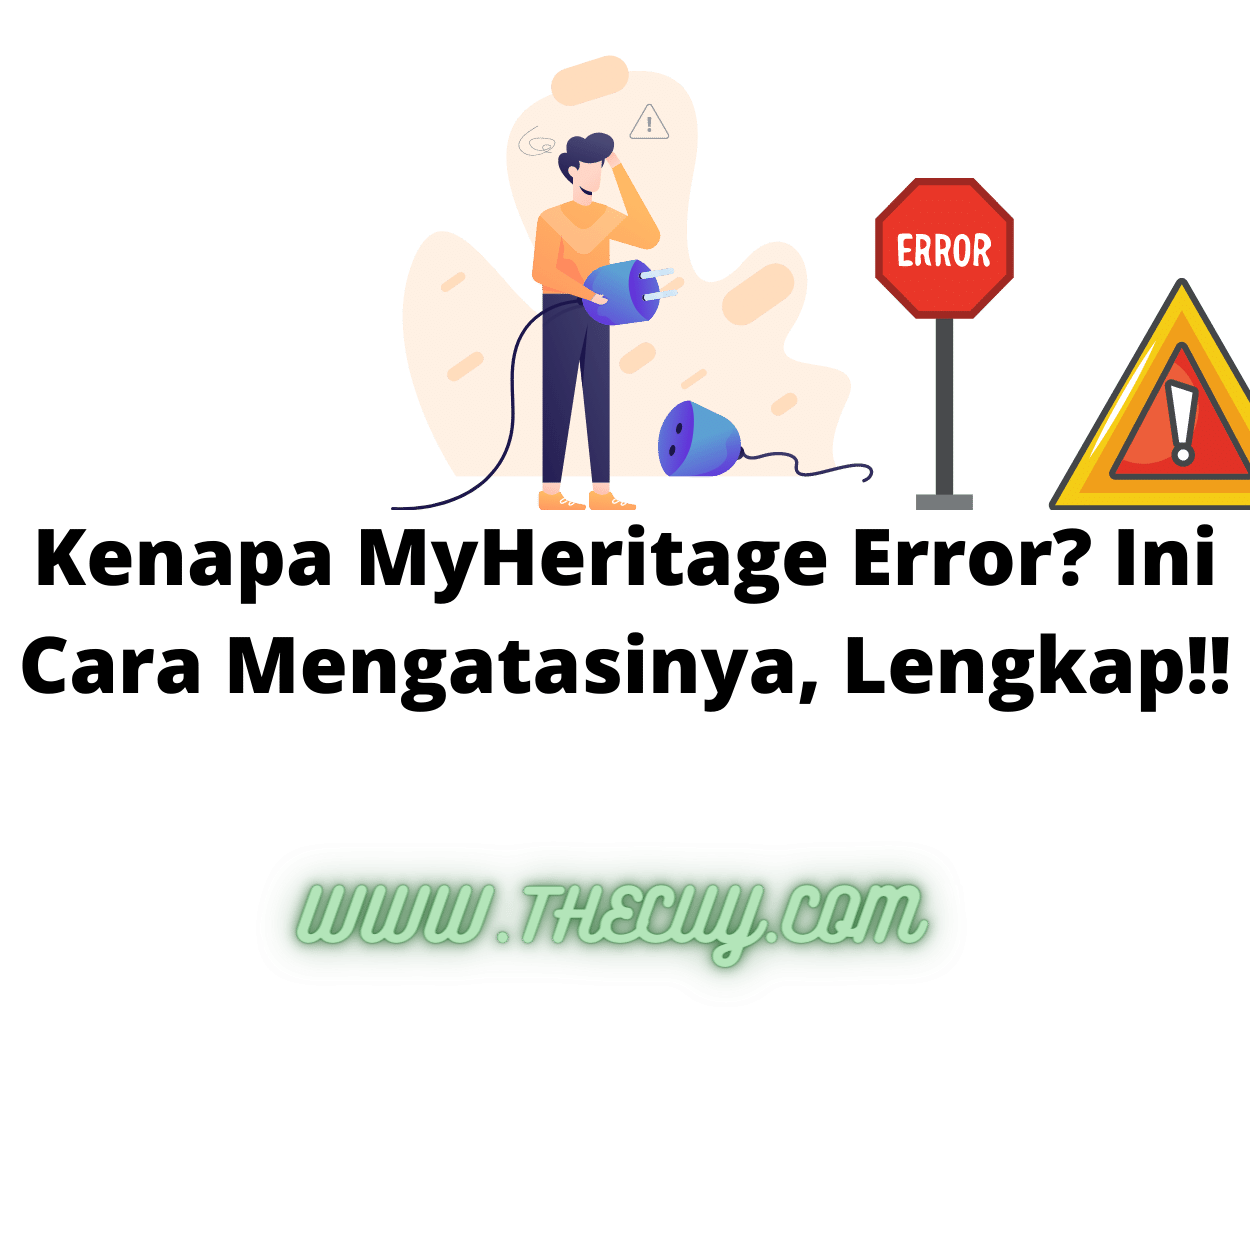 Kenapa MyHeritage Error? Ini Cara Mengatasinya, Lengkap!!